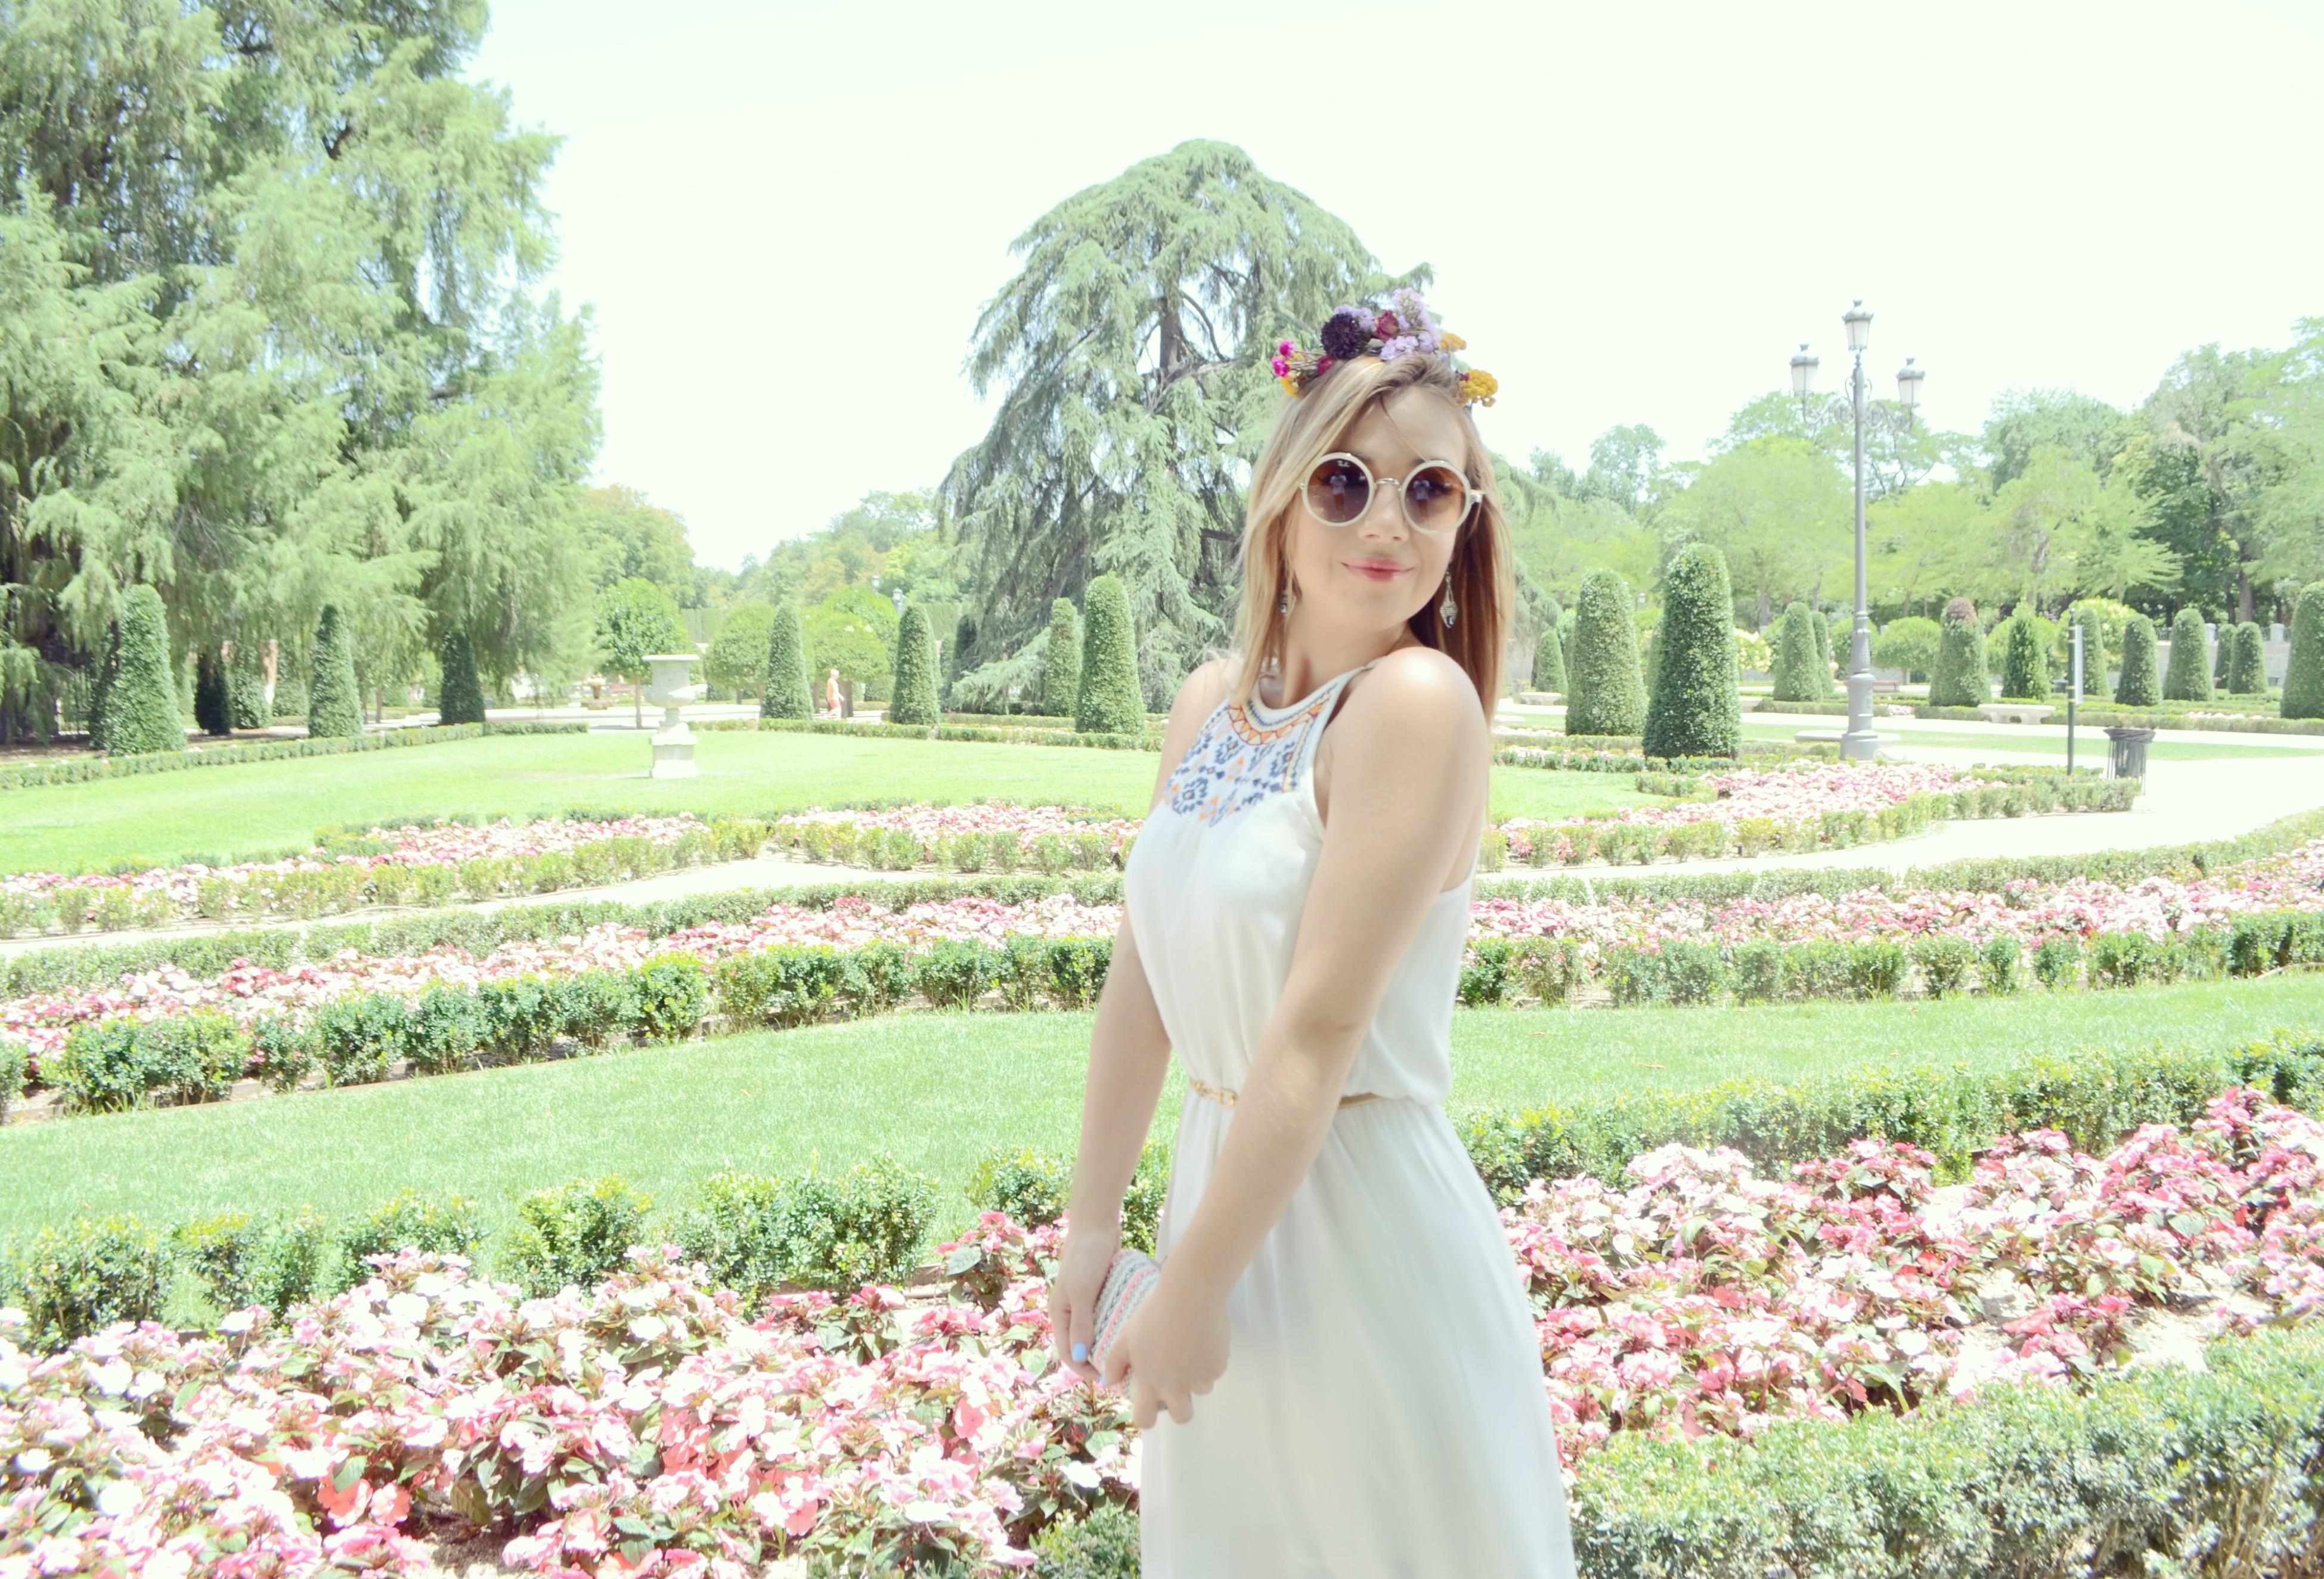 Look-de-verano-ChicAdicta-fashionista-Chic-Adicta-vestidos-largos-de-verano-blog-de-moda-estampado-etnico-PiensaenChic-Piensa-en-Chic